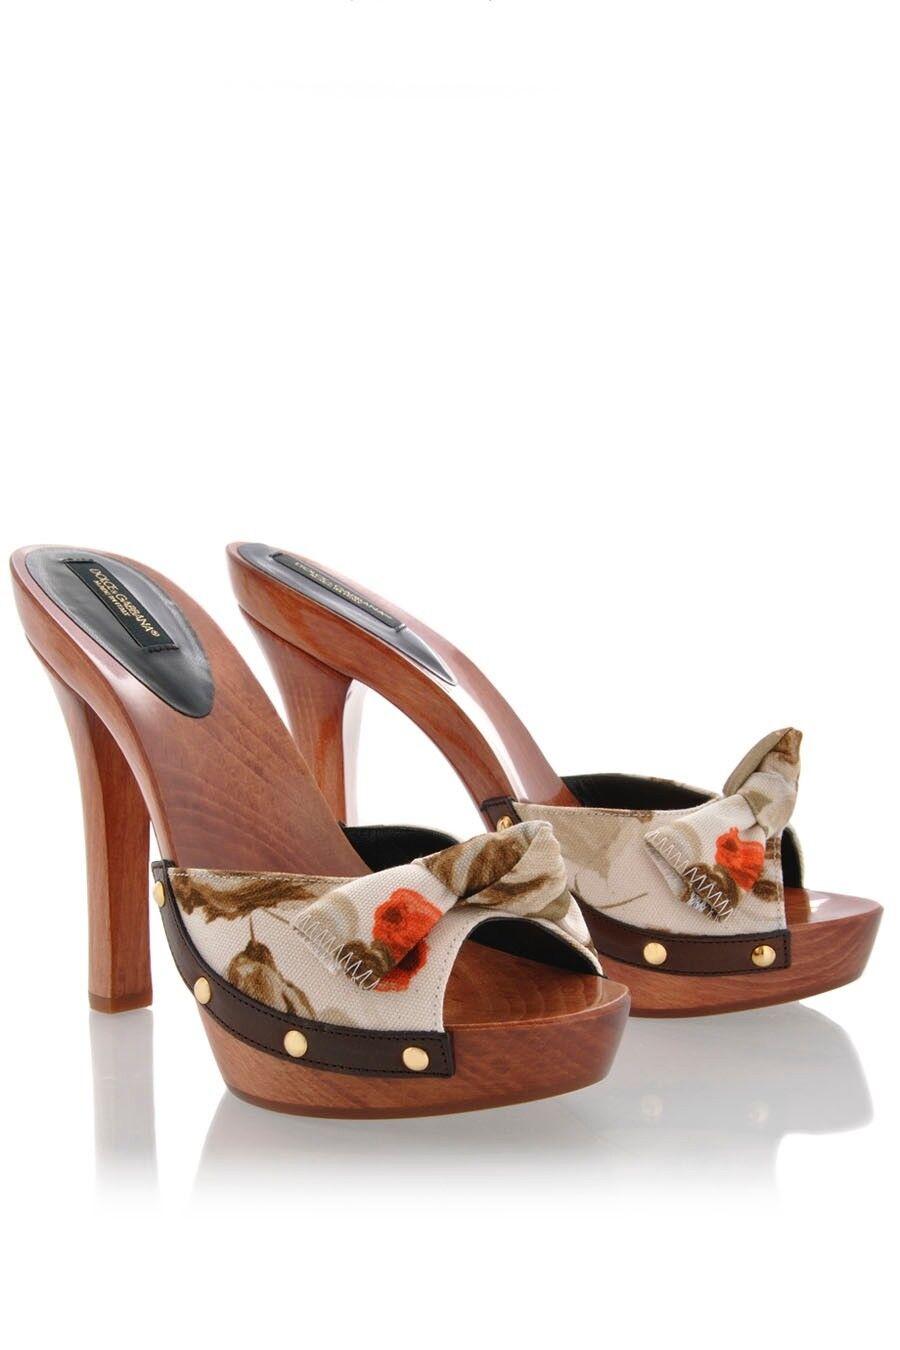 Dolce & GABBANA Zapatos Taco aguja punta abierta de madera mulas ** ** Nuevo Impresionante